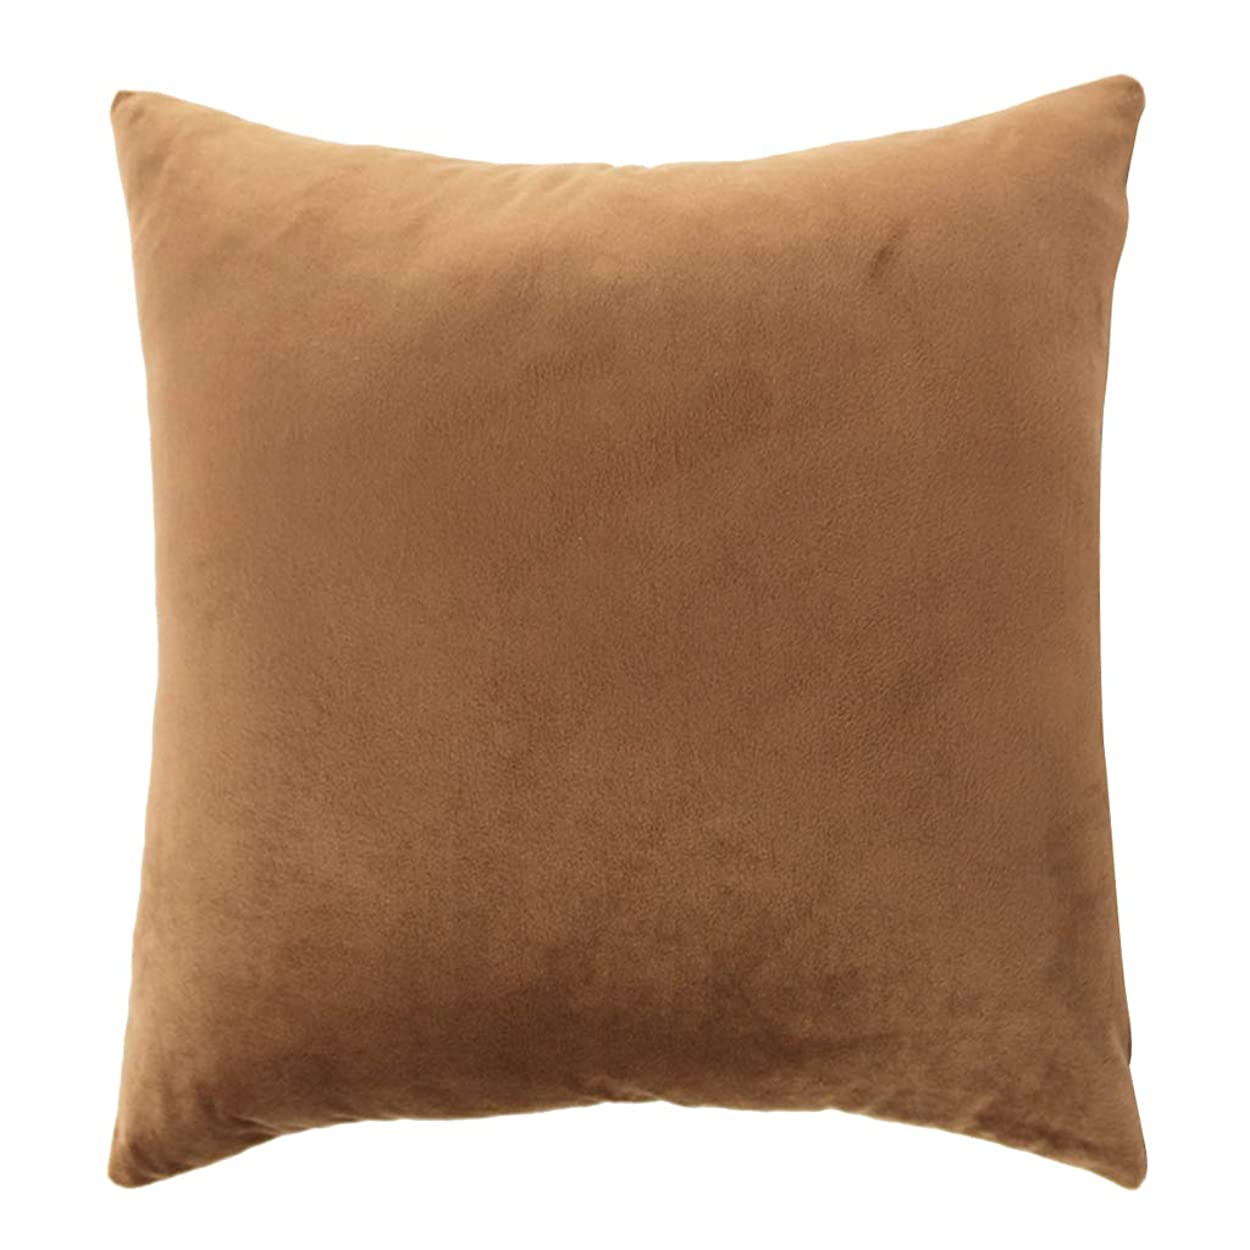 十分なシーケンスラジカルクッションカバー 装飾的 枕カバー ベルベット 快適 ソファー 部屋 飾り 多種選べる - ブラウン, 2